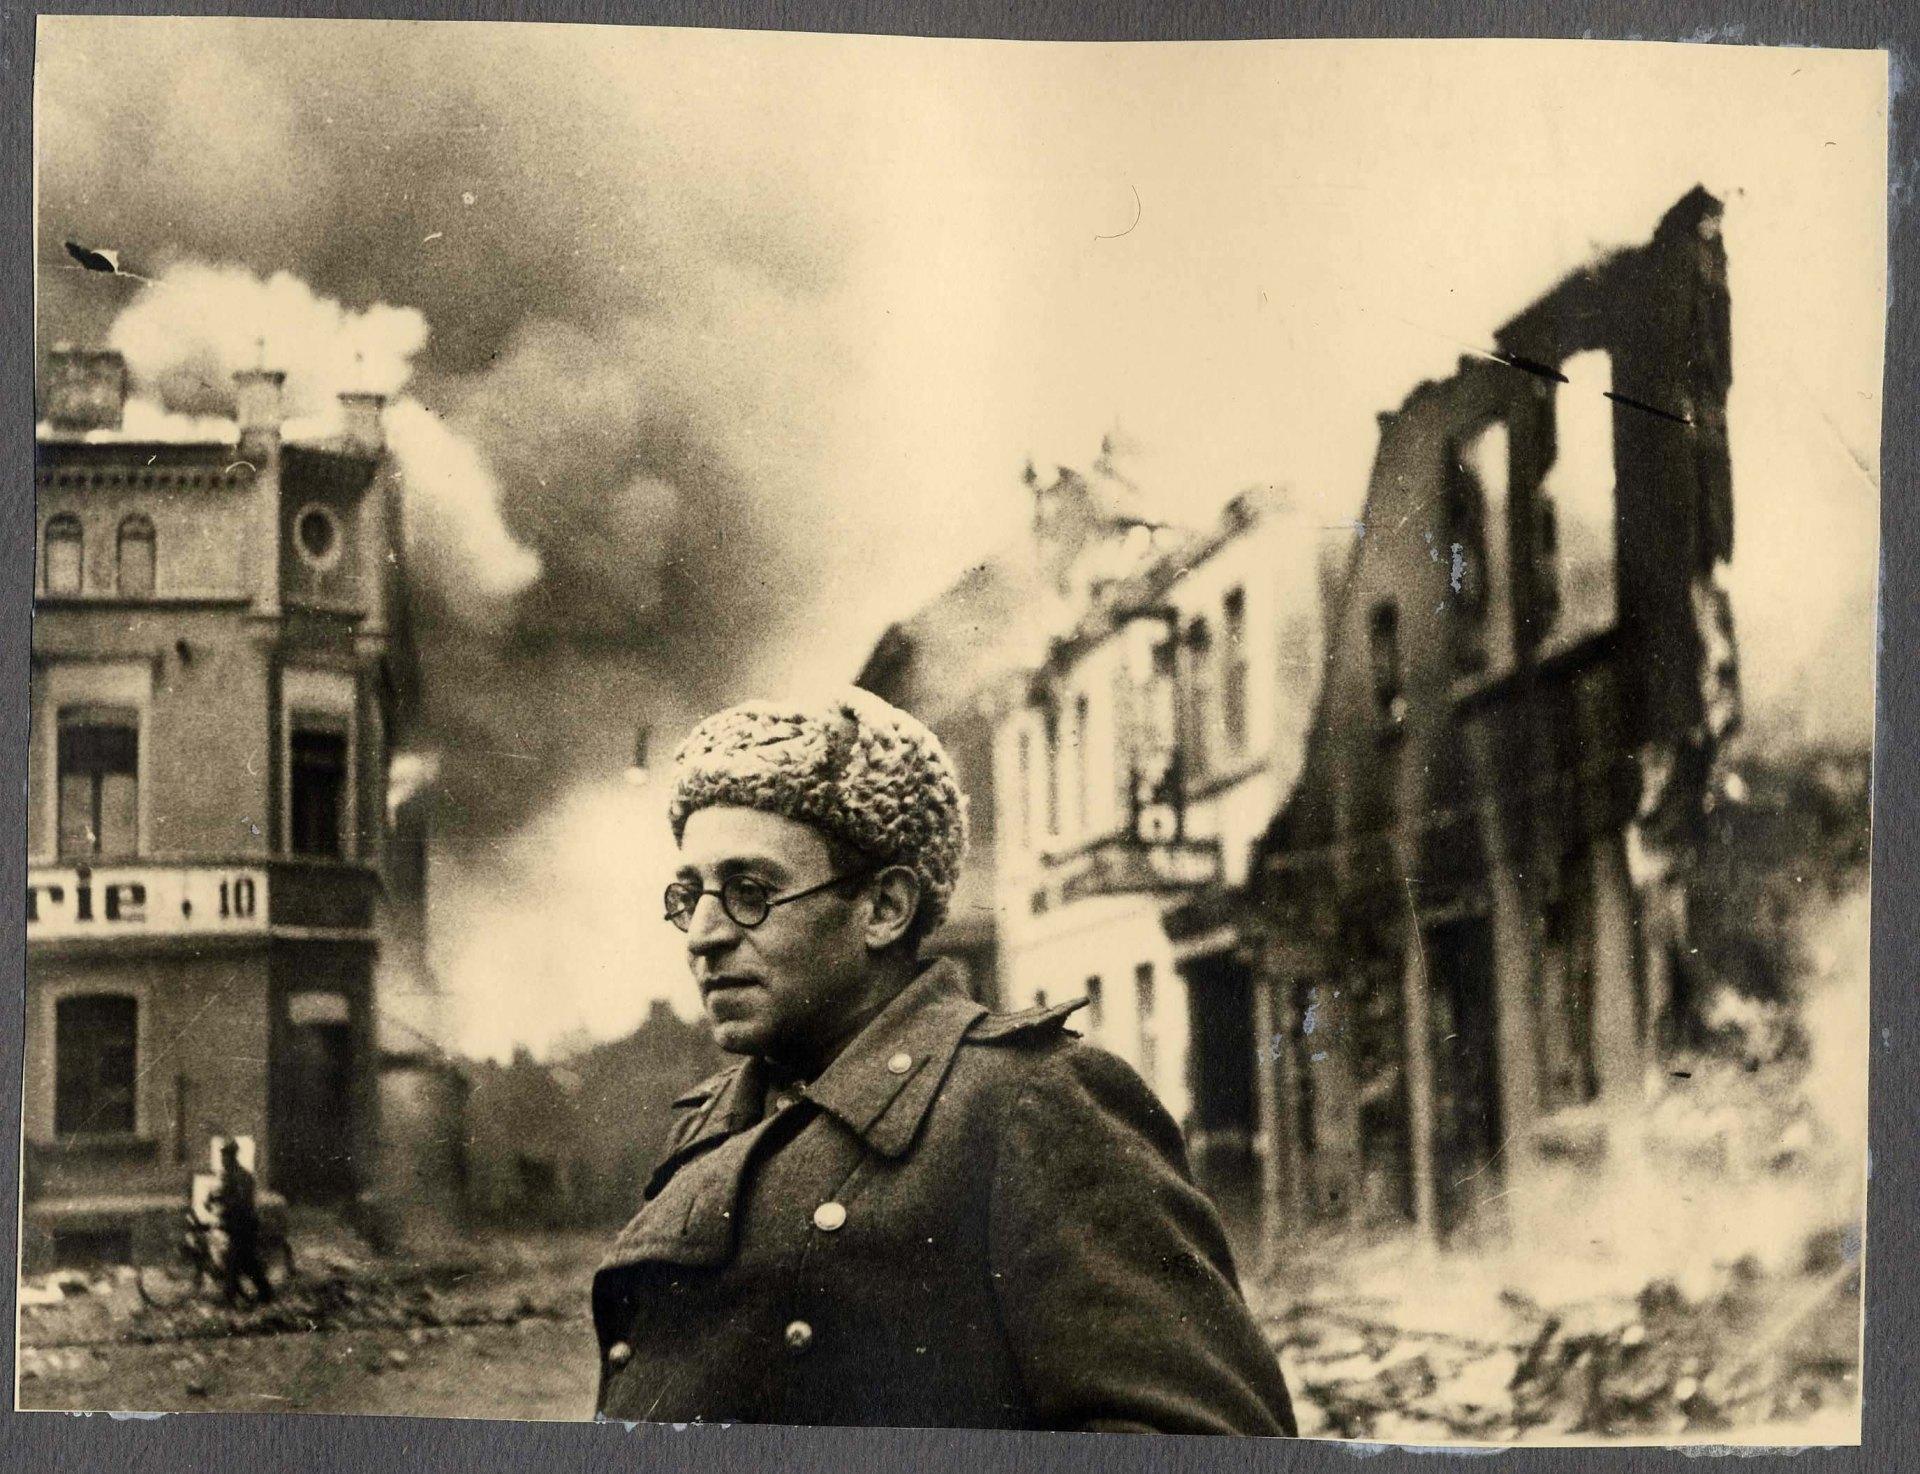 El escritor ruso Vasily Grossman, autor de Vida y destino, en Alemania, 1945. (Foto tomada de grossmanweb.eu).